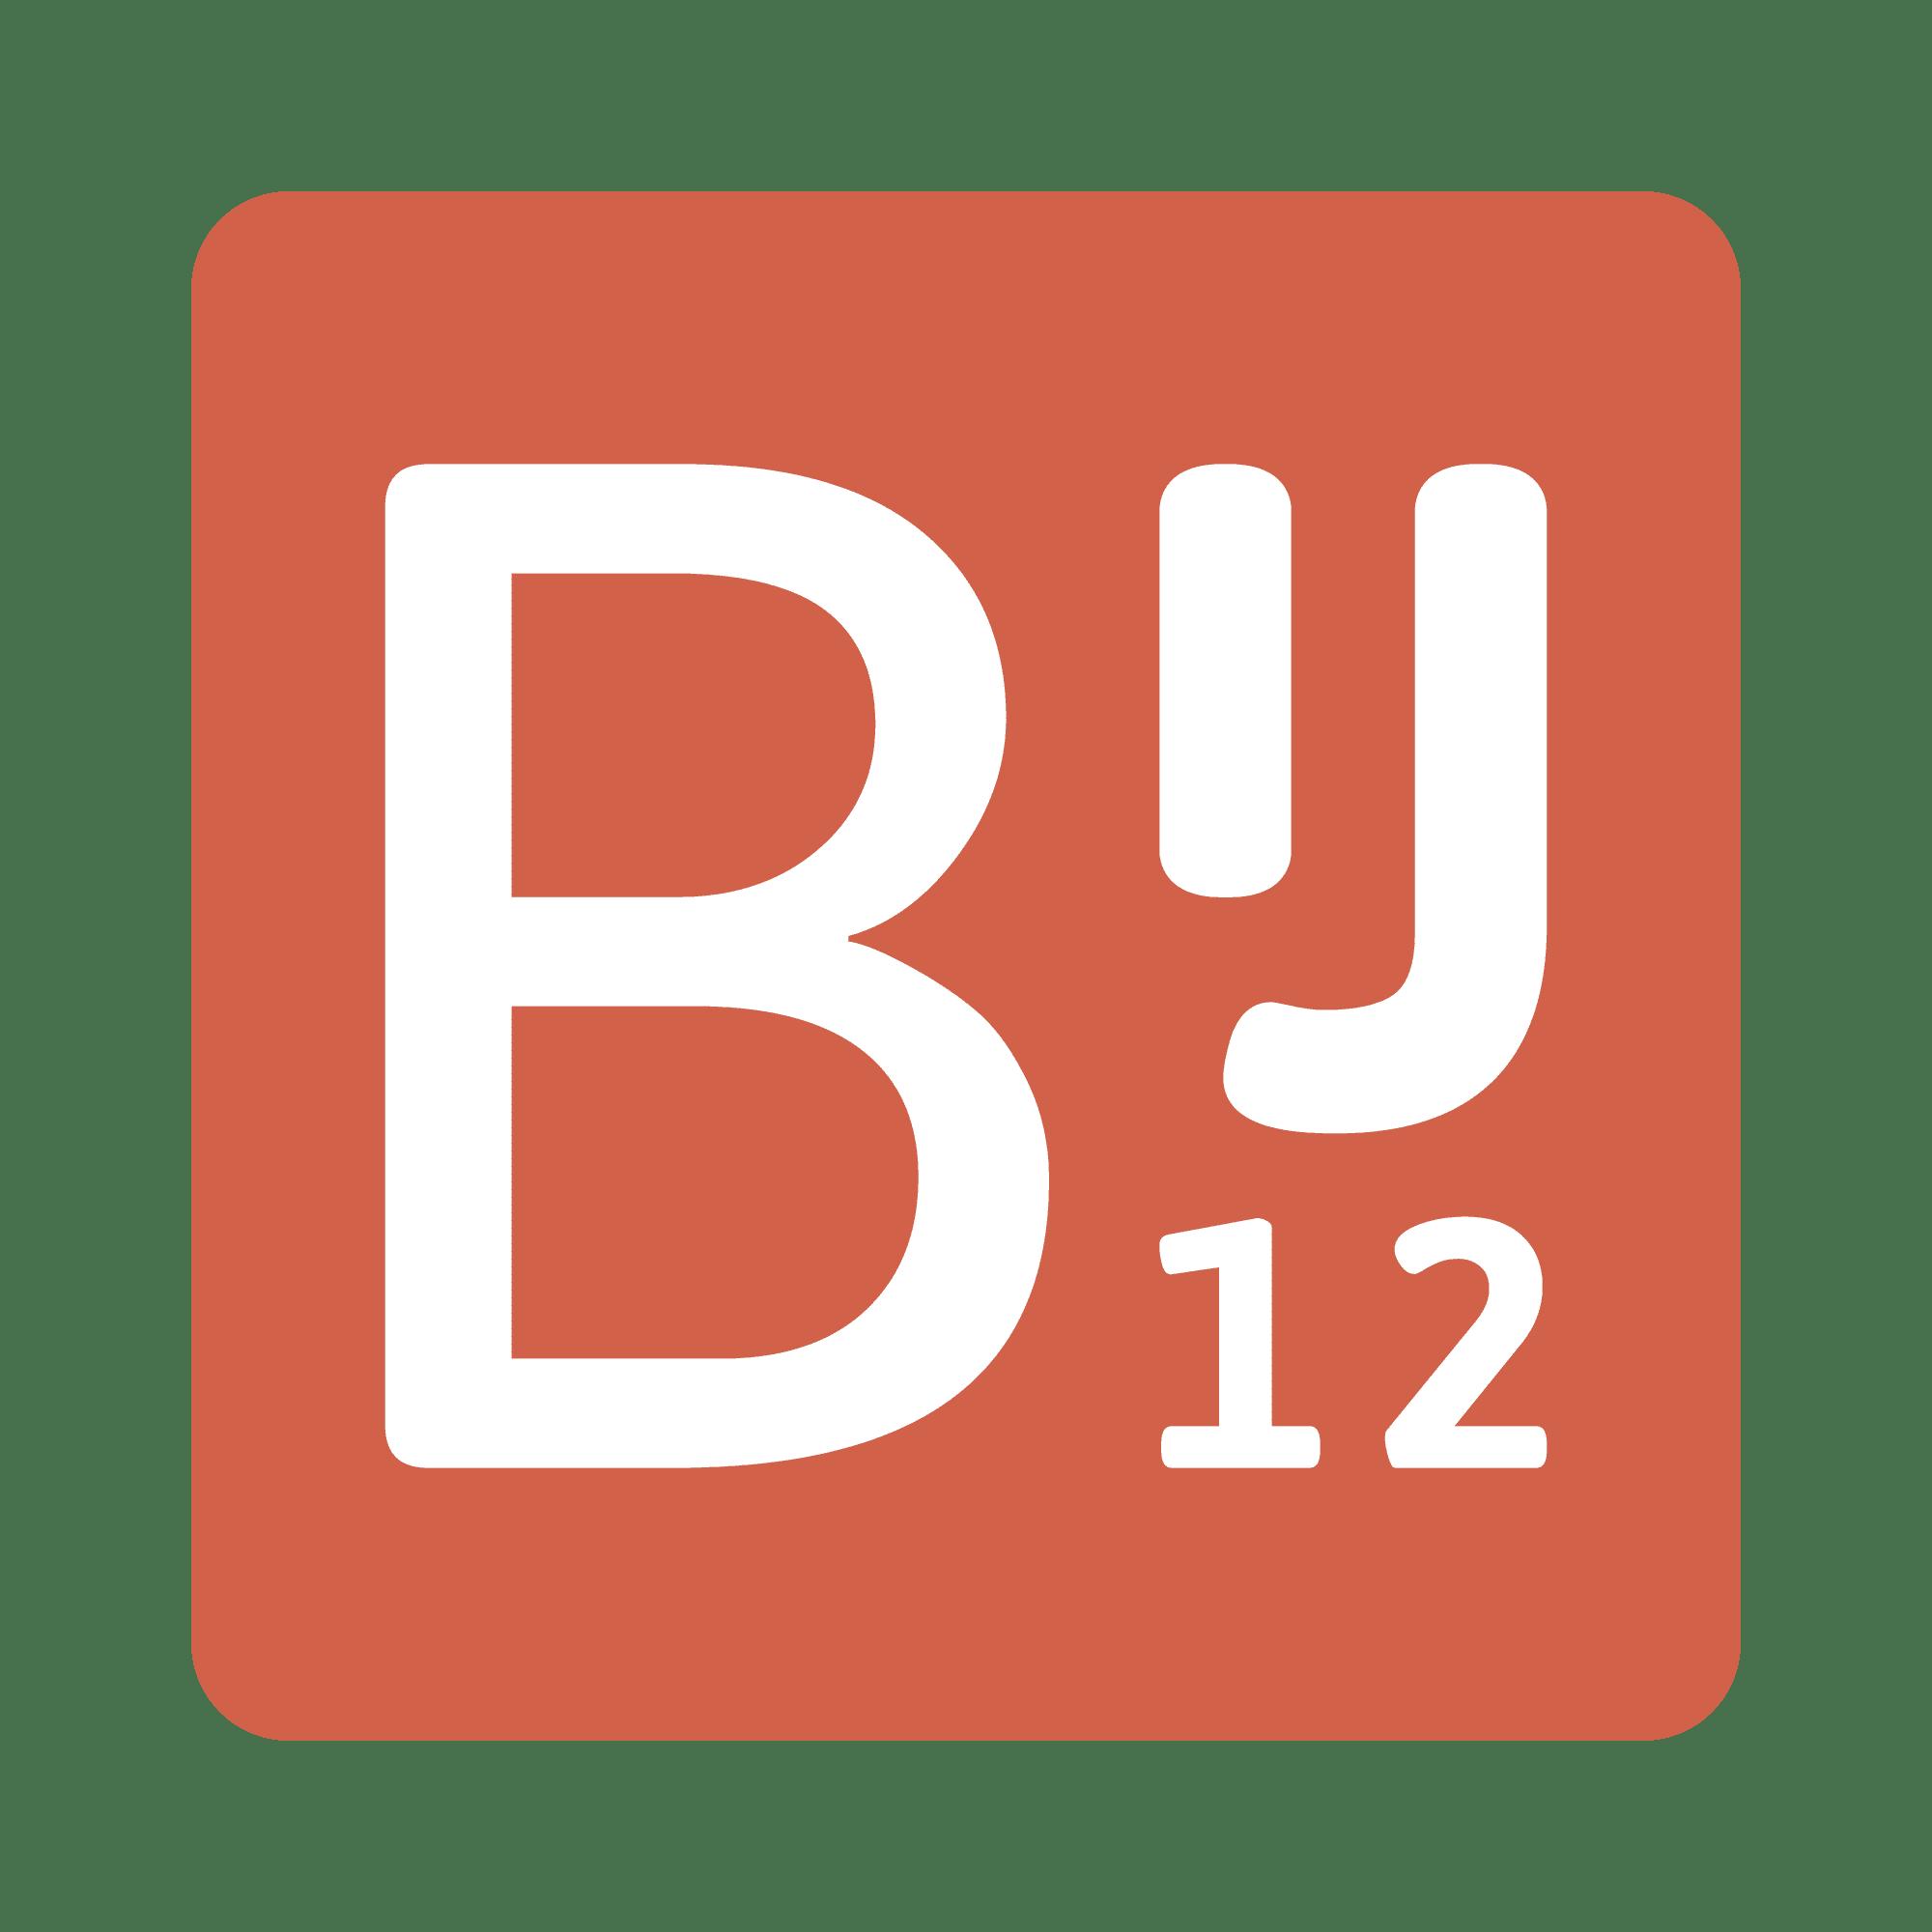 BIJ12 - LOGO - ZoomWorks - PNG